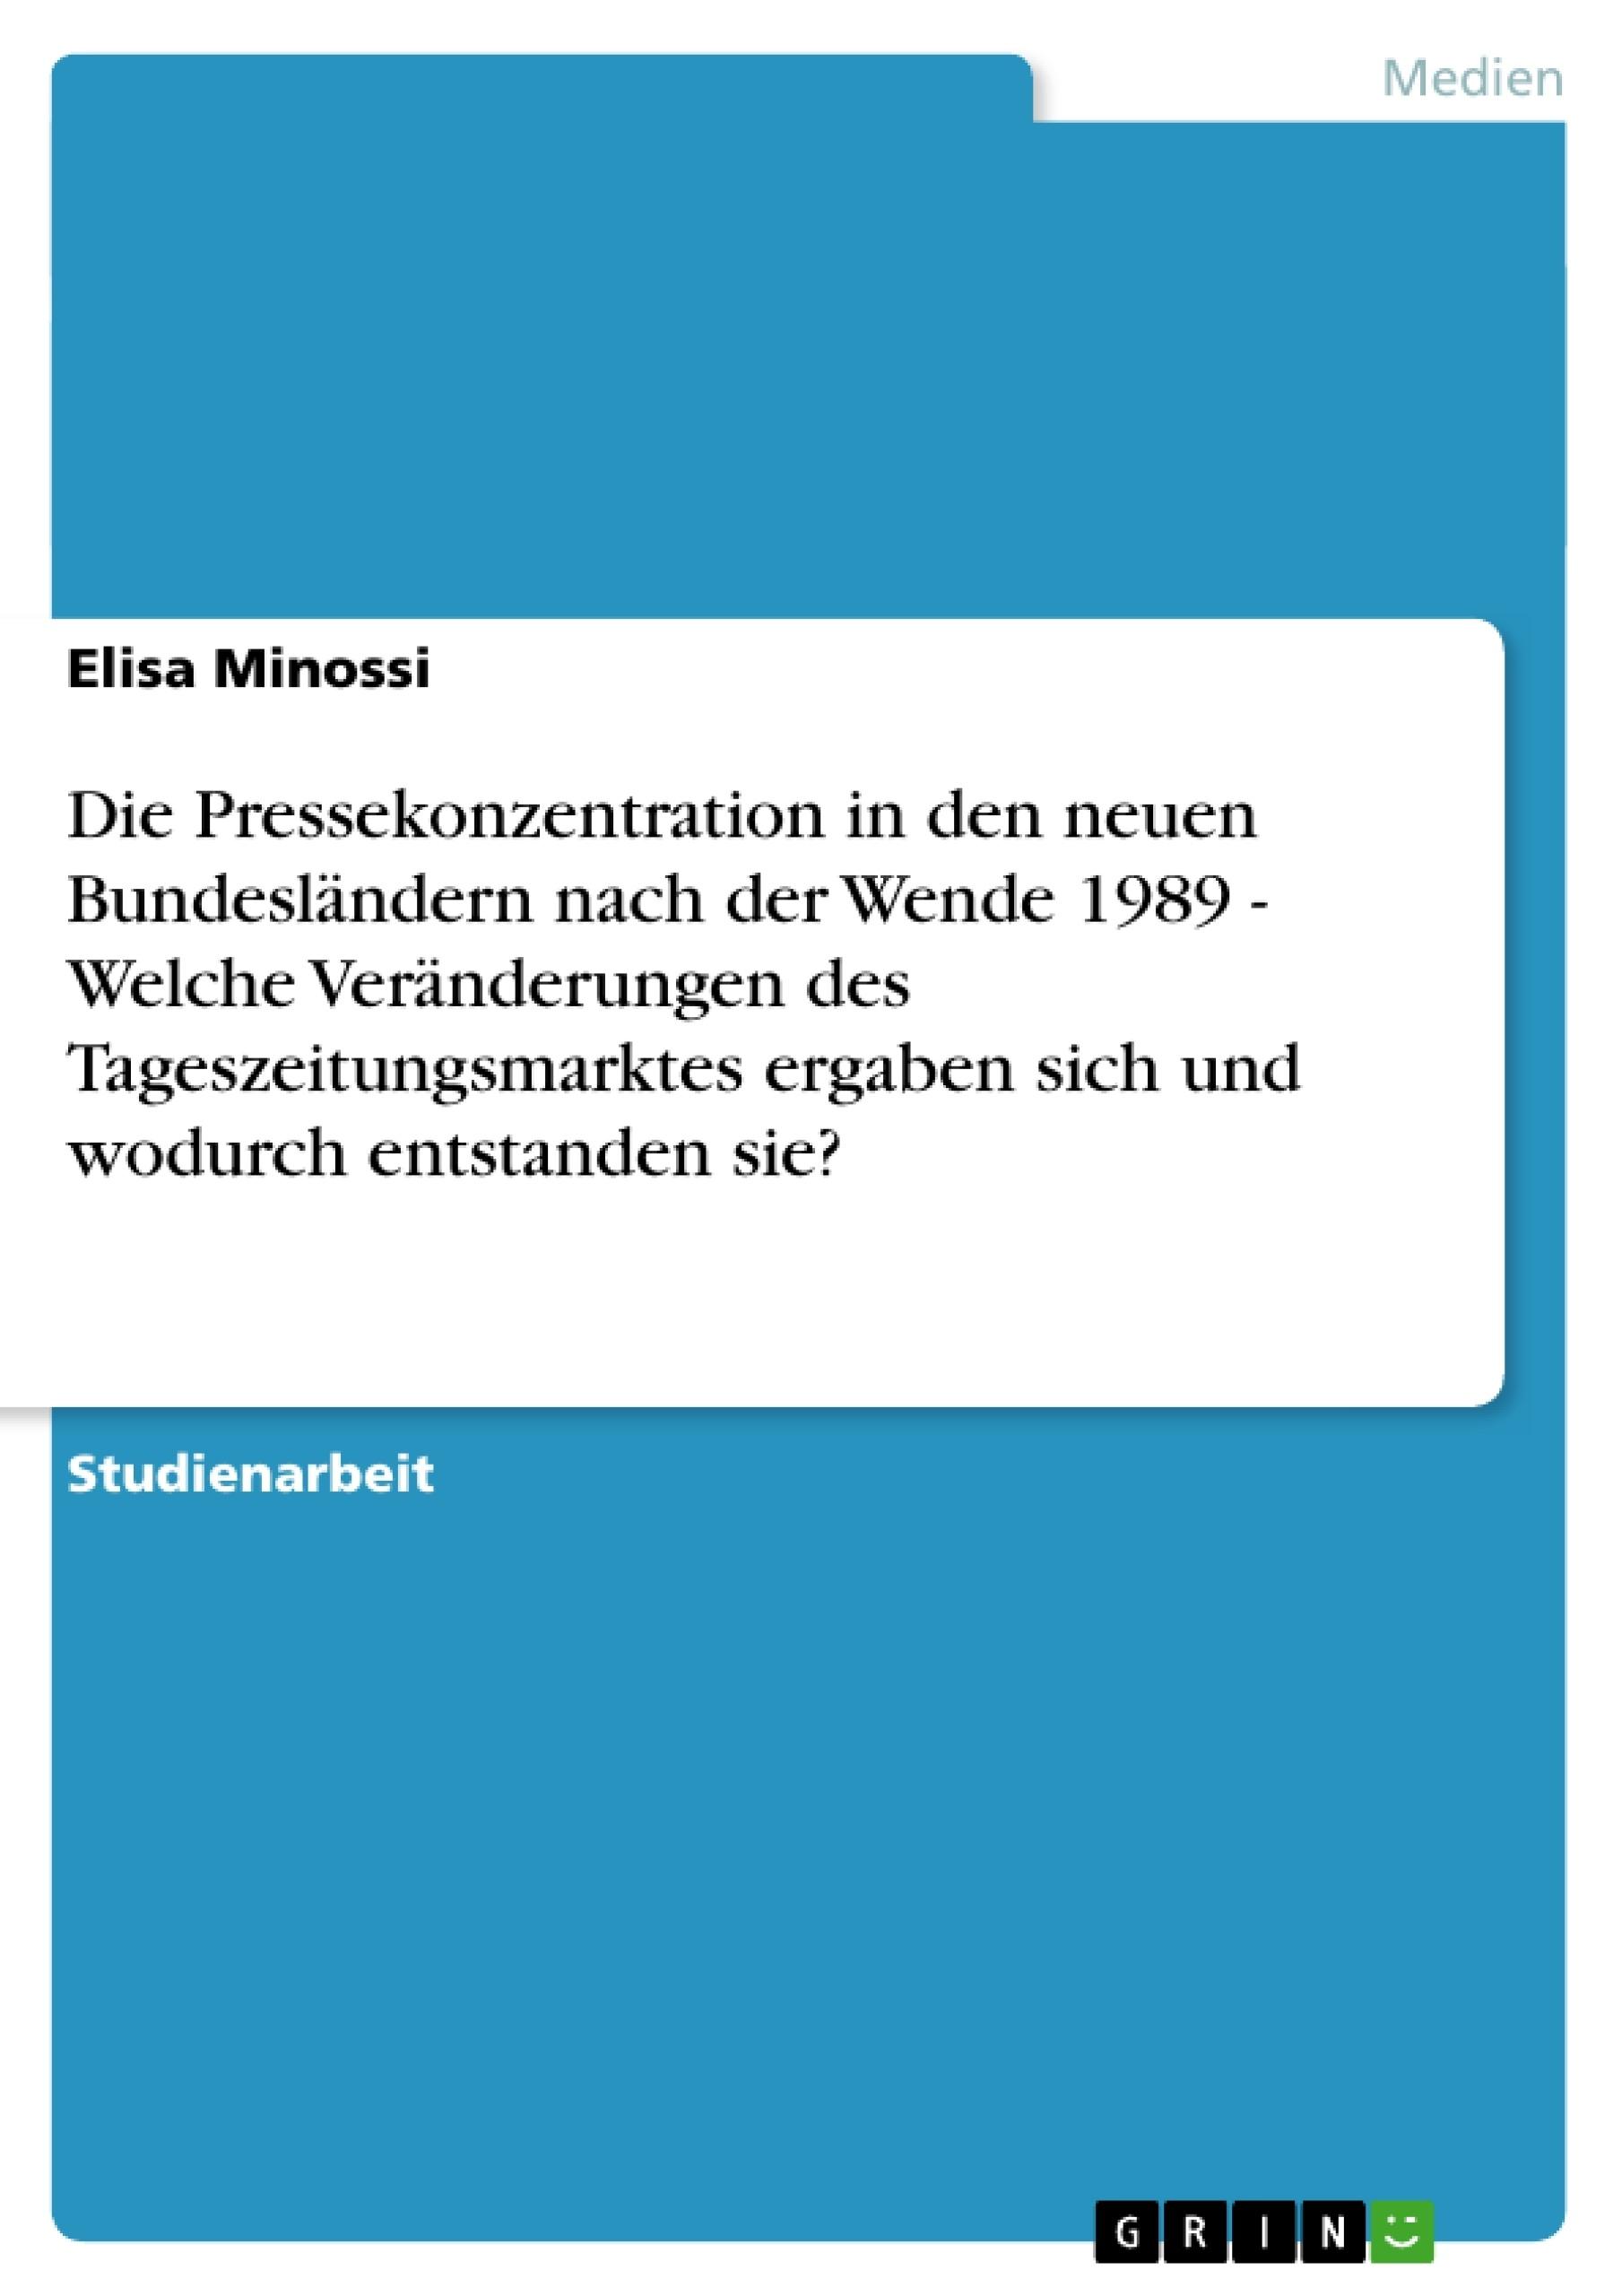 Titel: Die Pressekonzentration in den neuen Bundesländern nach der Wende 1989 - Welche Veränderungen des Tageszeitungsmarktes ergaben sich und wodurch entstanden sie?